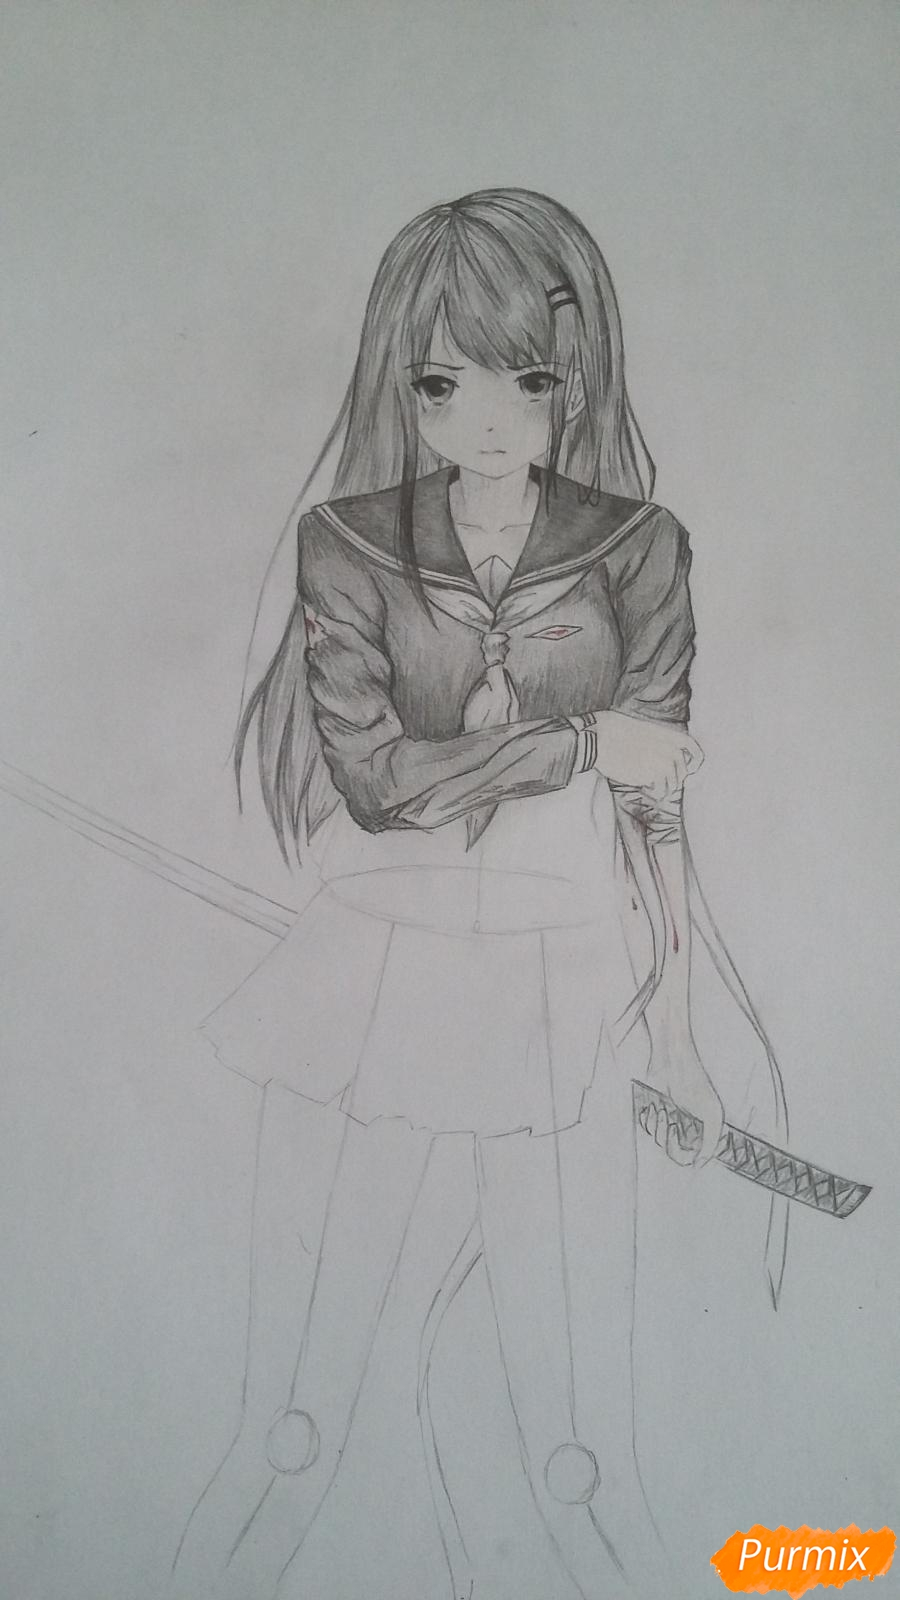 Рисуем девушку с катаной в аниме стиле - шаг 11